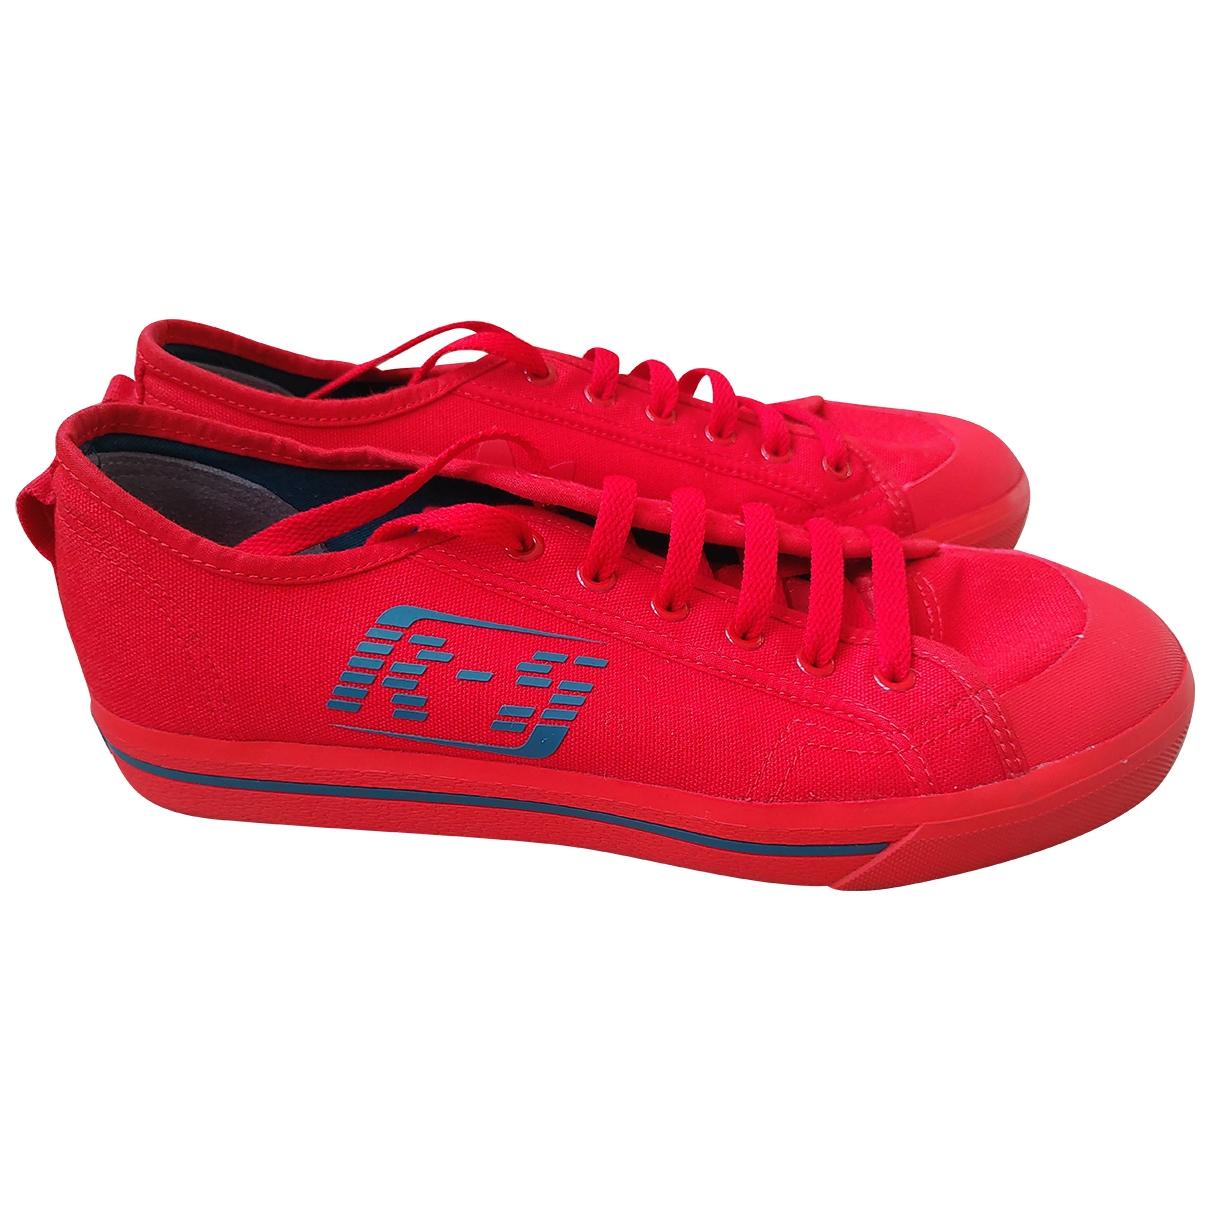 Adidas X Raf Simons - Baskets Spirit pour homme en toile - rouge